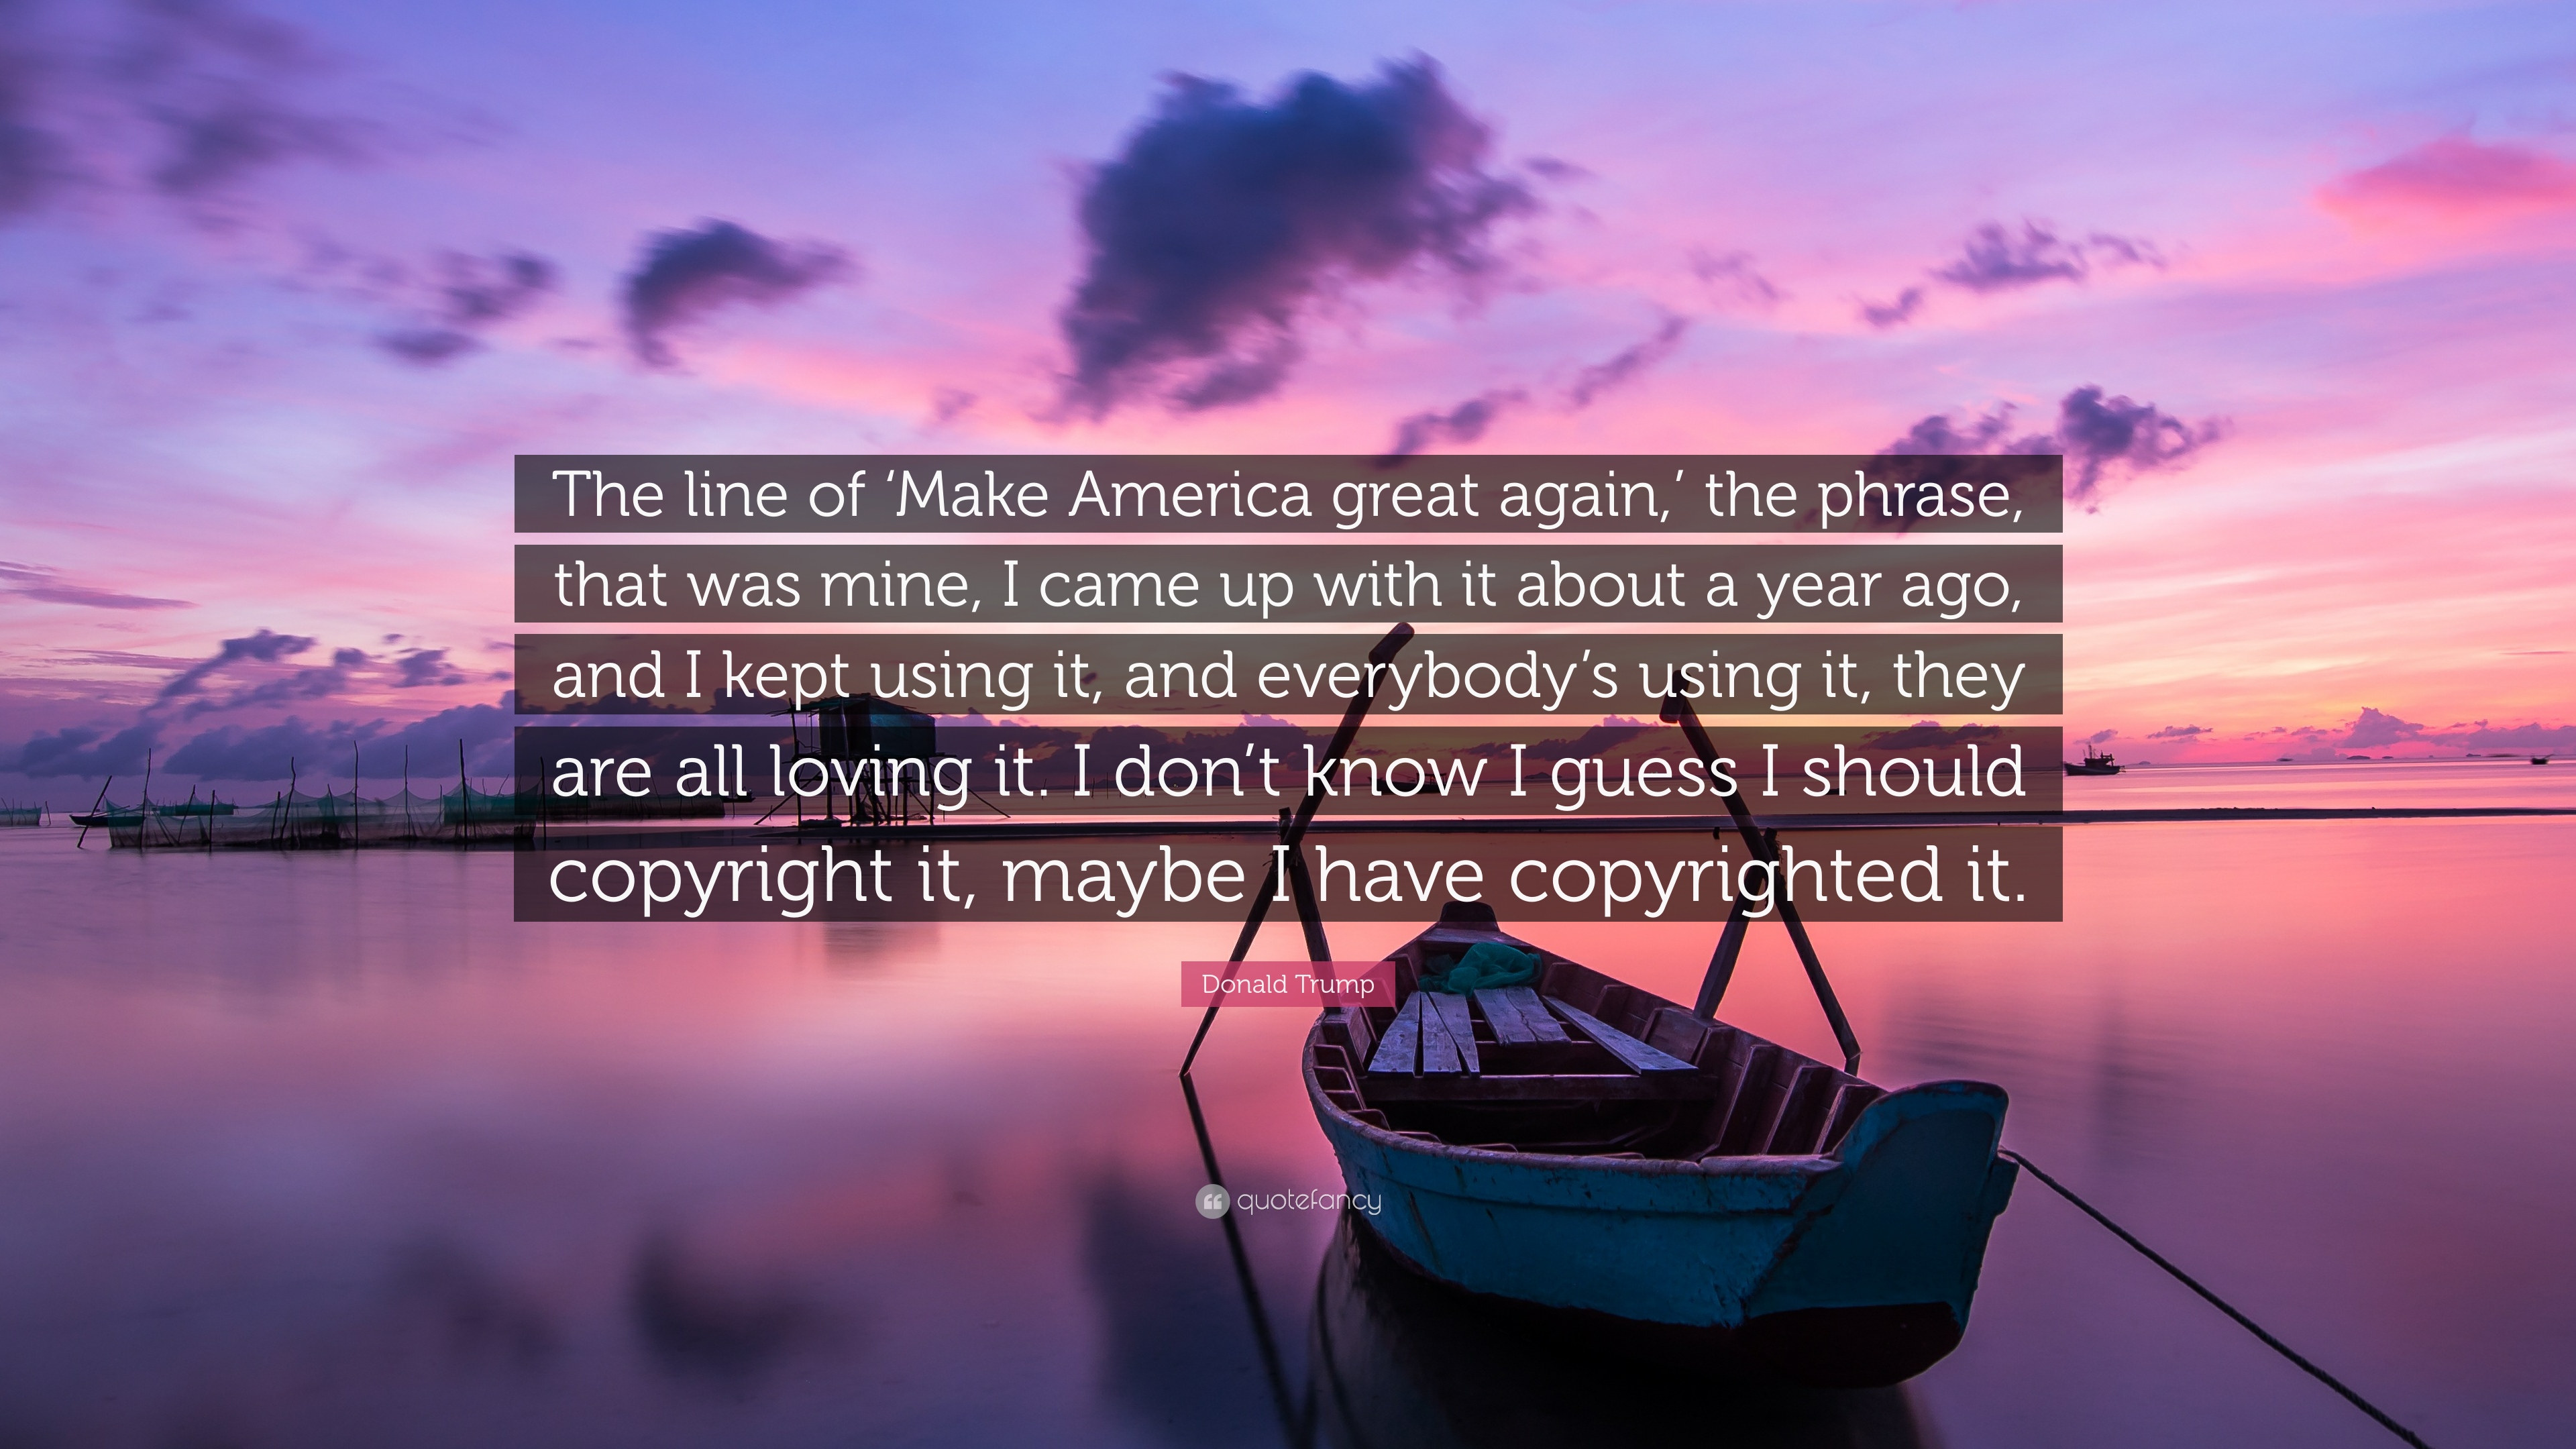 Donald trump quote the line of make america great again for Make america great again wallpaper